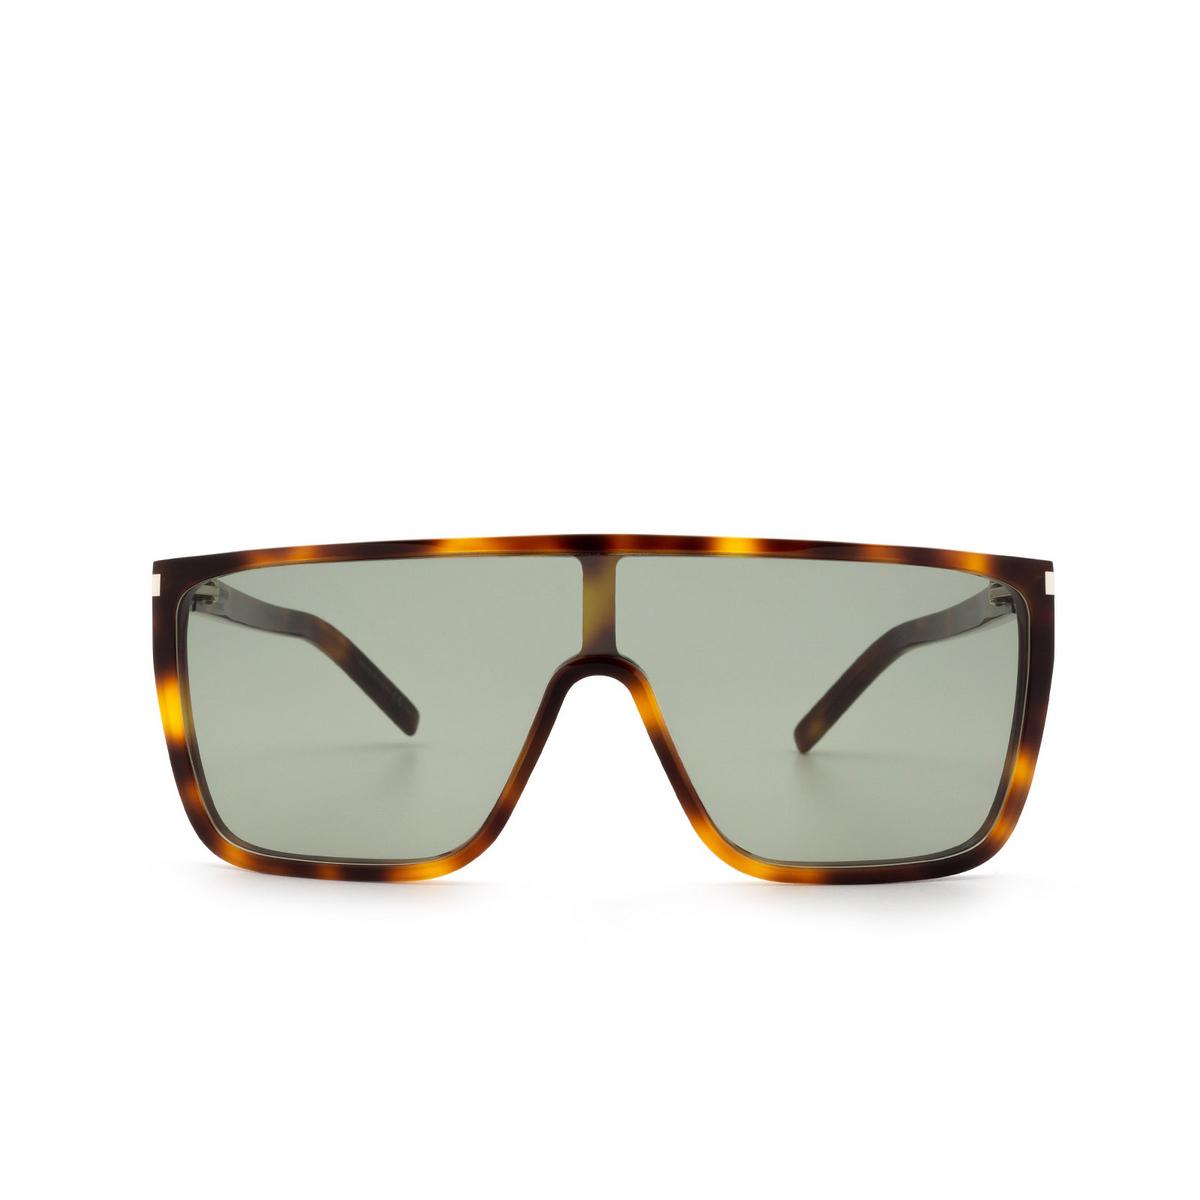 Saint Laurent® Mask Sunglasses: SL 364 MASK ACE color Havana 002 - front view.